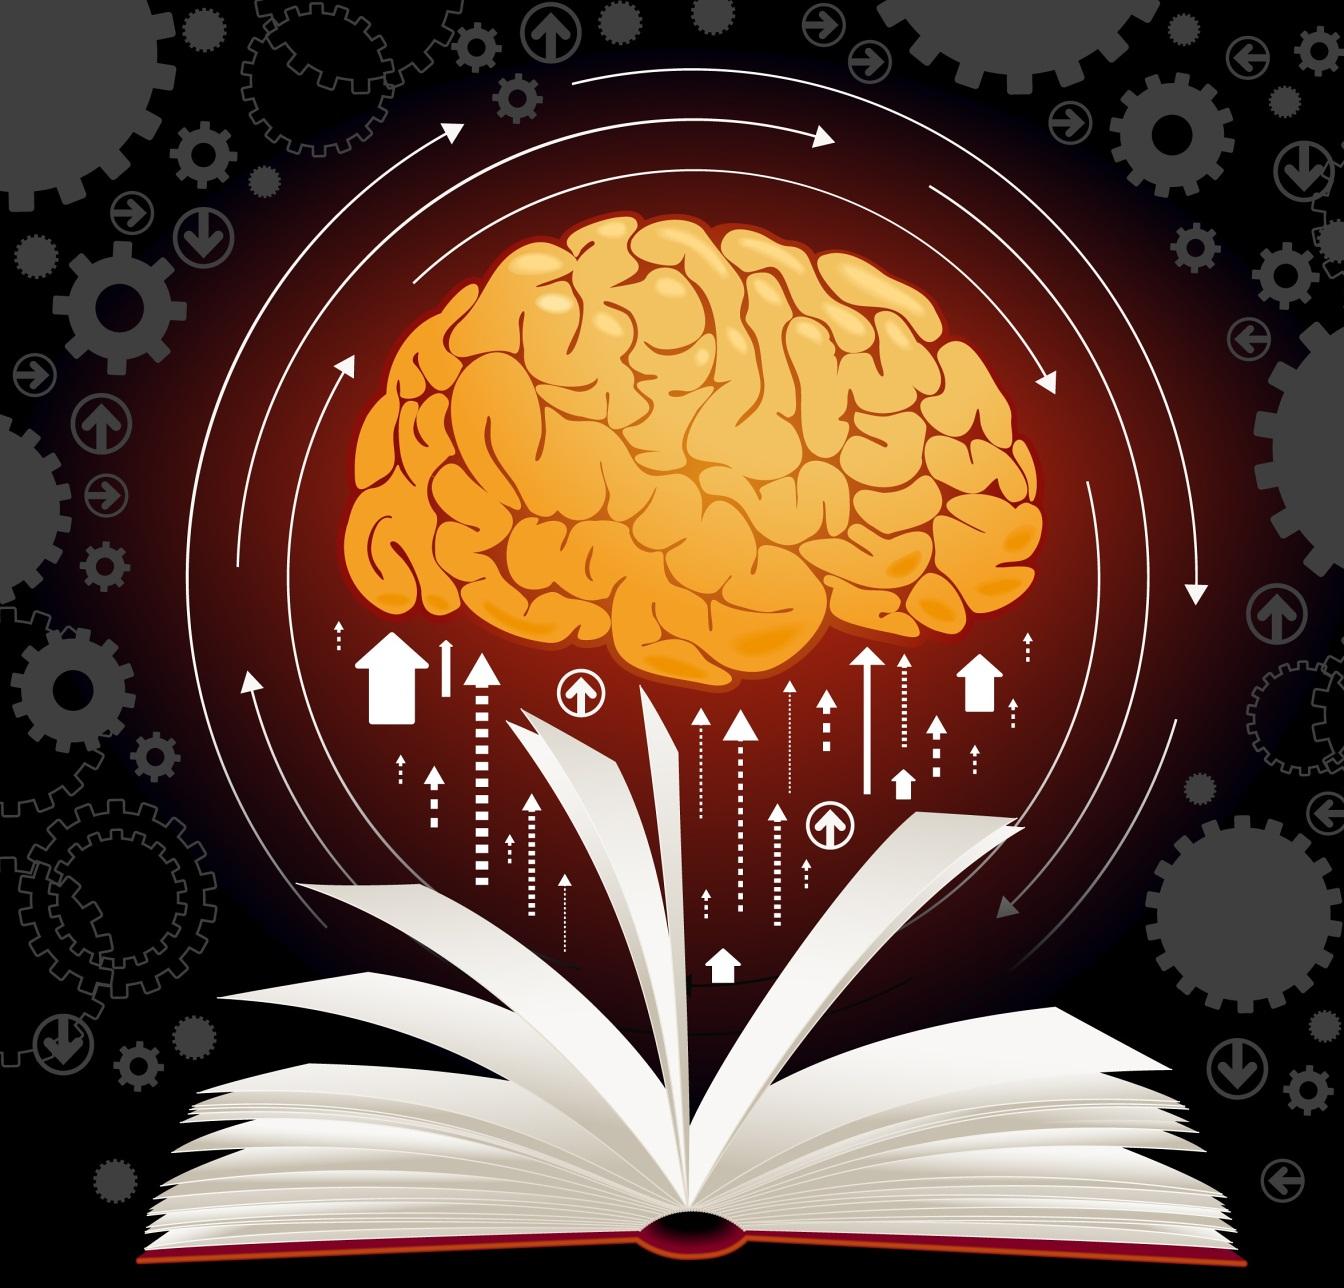 چرا کتاب خواندن خوب است